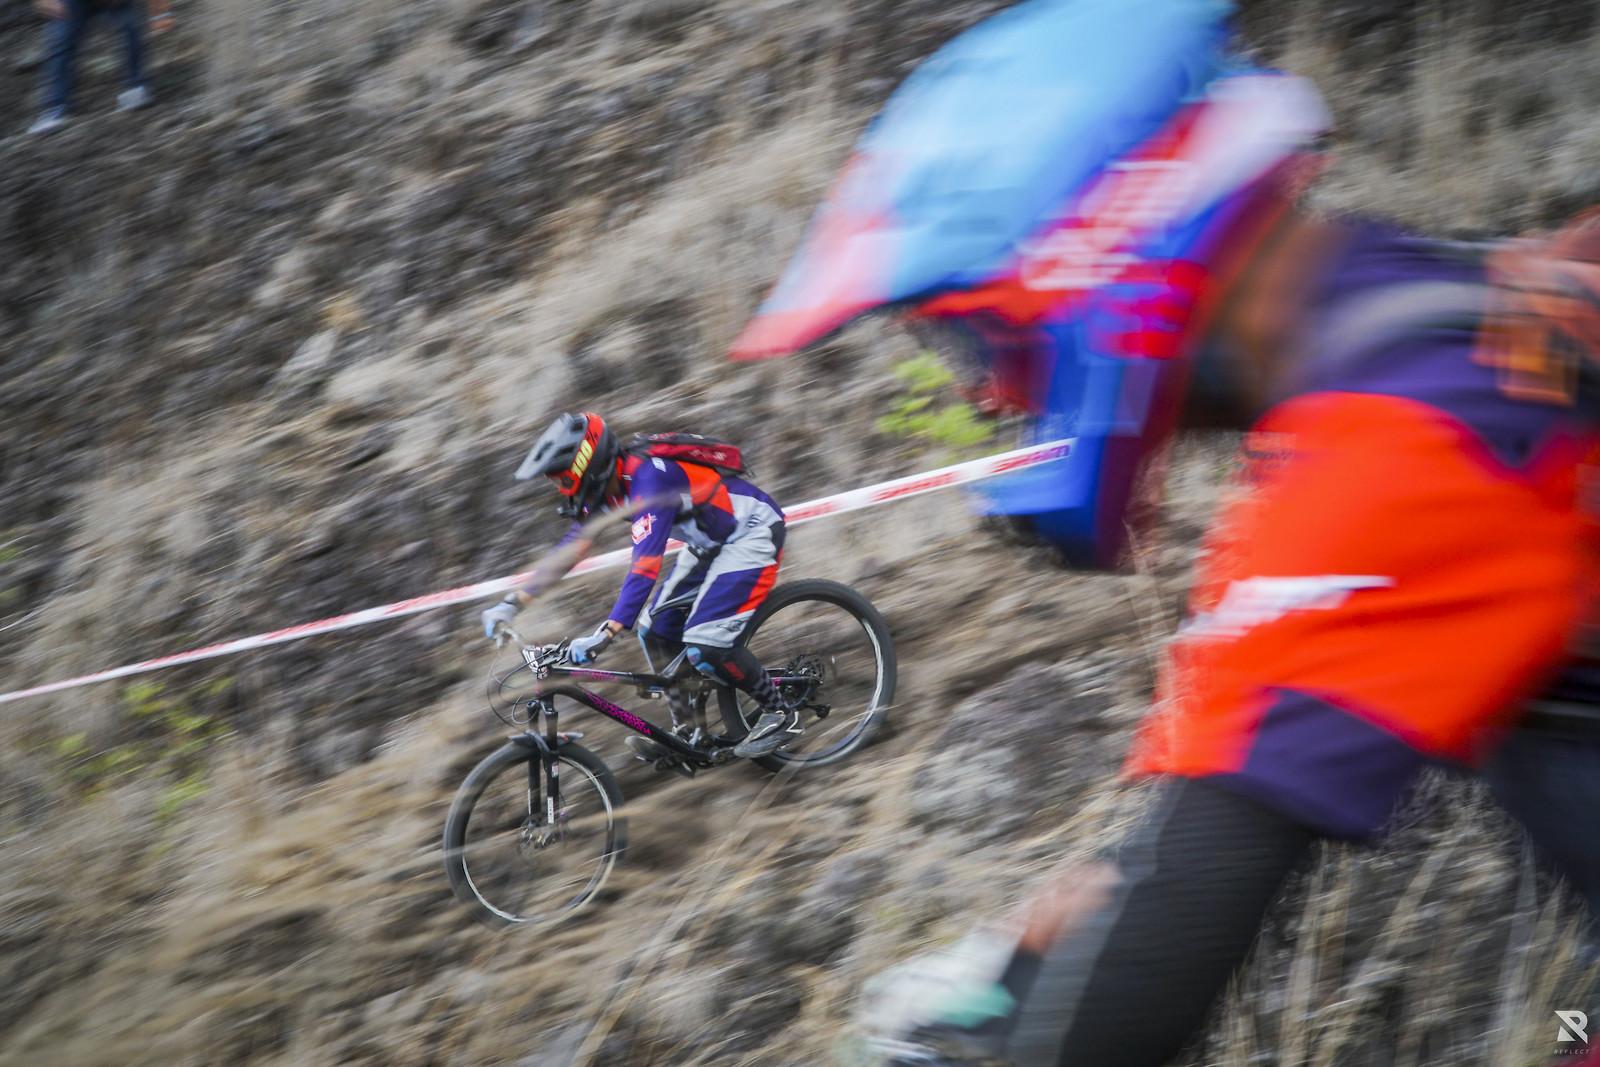 Definition of speed - RezaAkhmad - Mountain Biking Pictures - Vital MTB